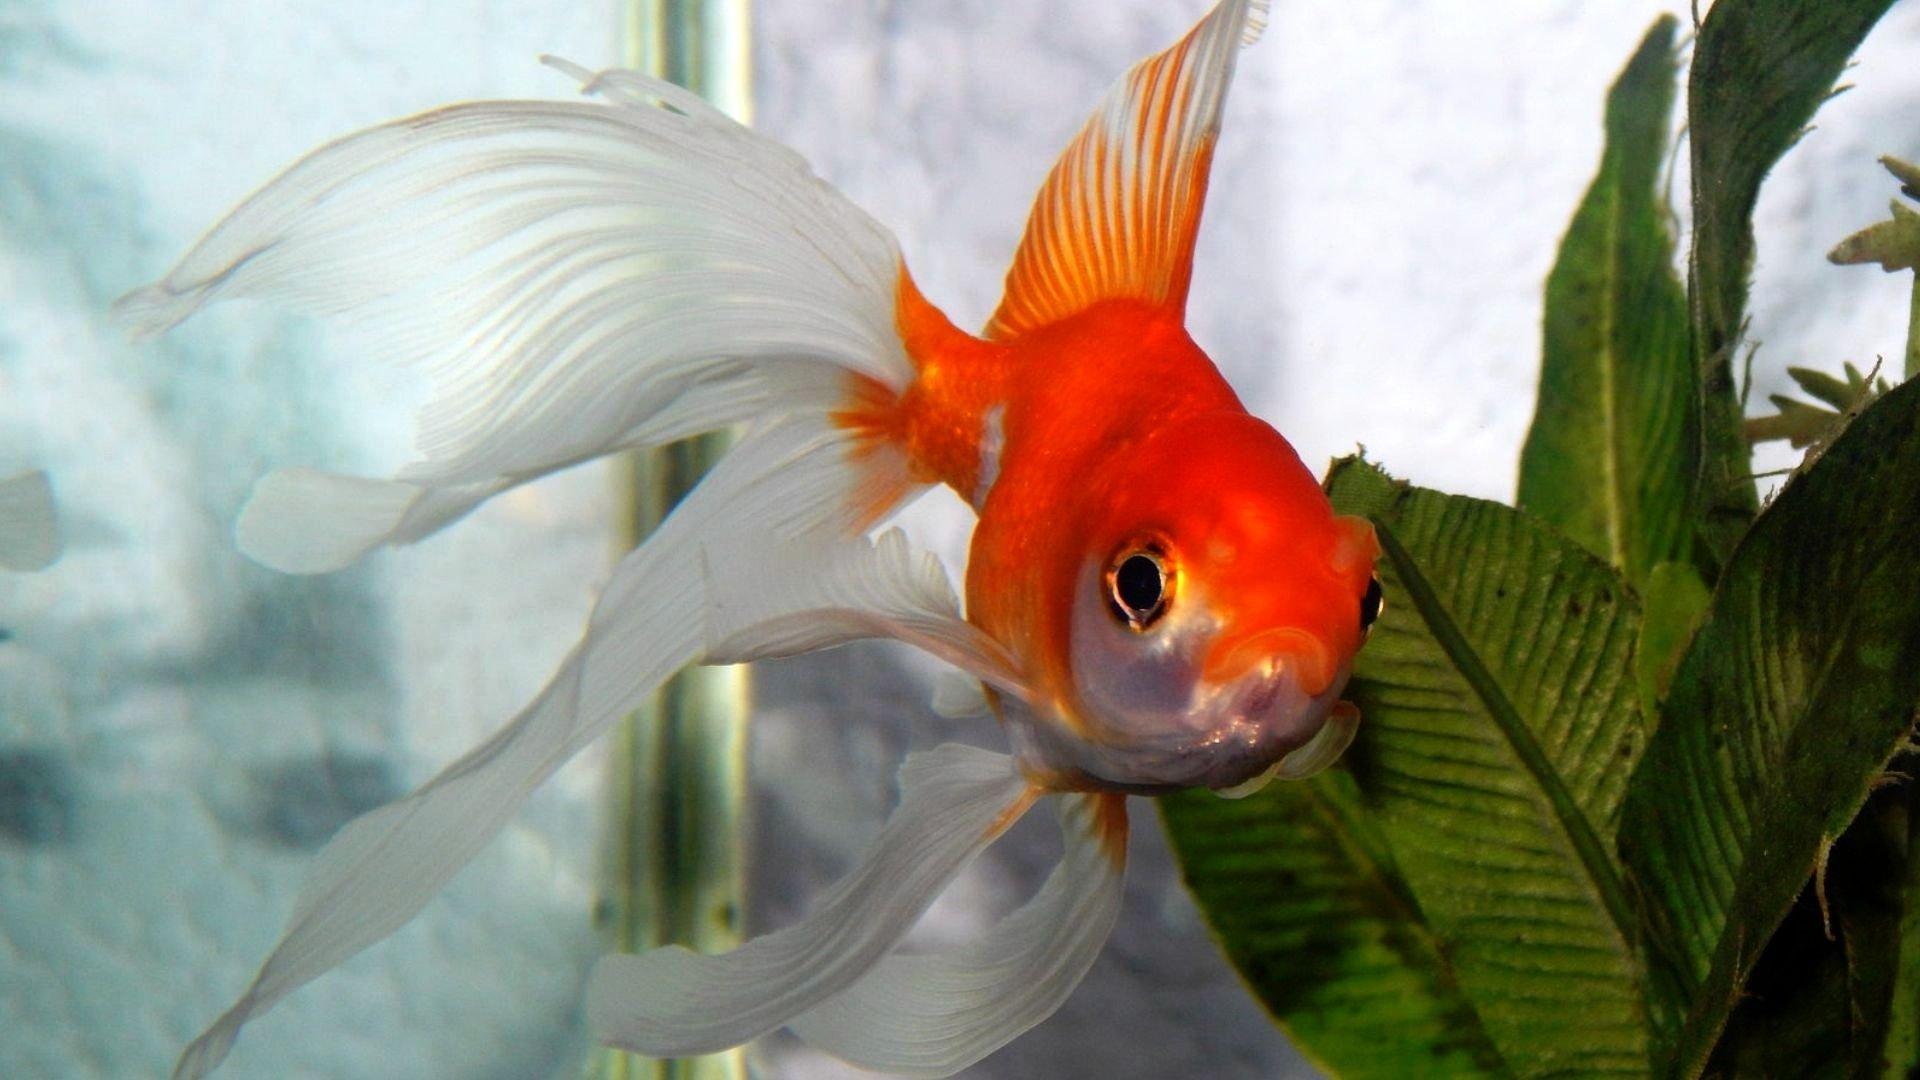 пейзаж картинки золотая рыбка на рабочем столе холодный